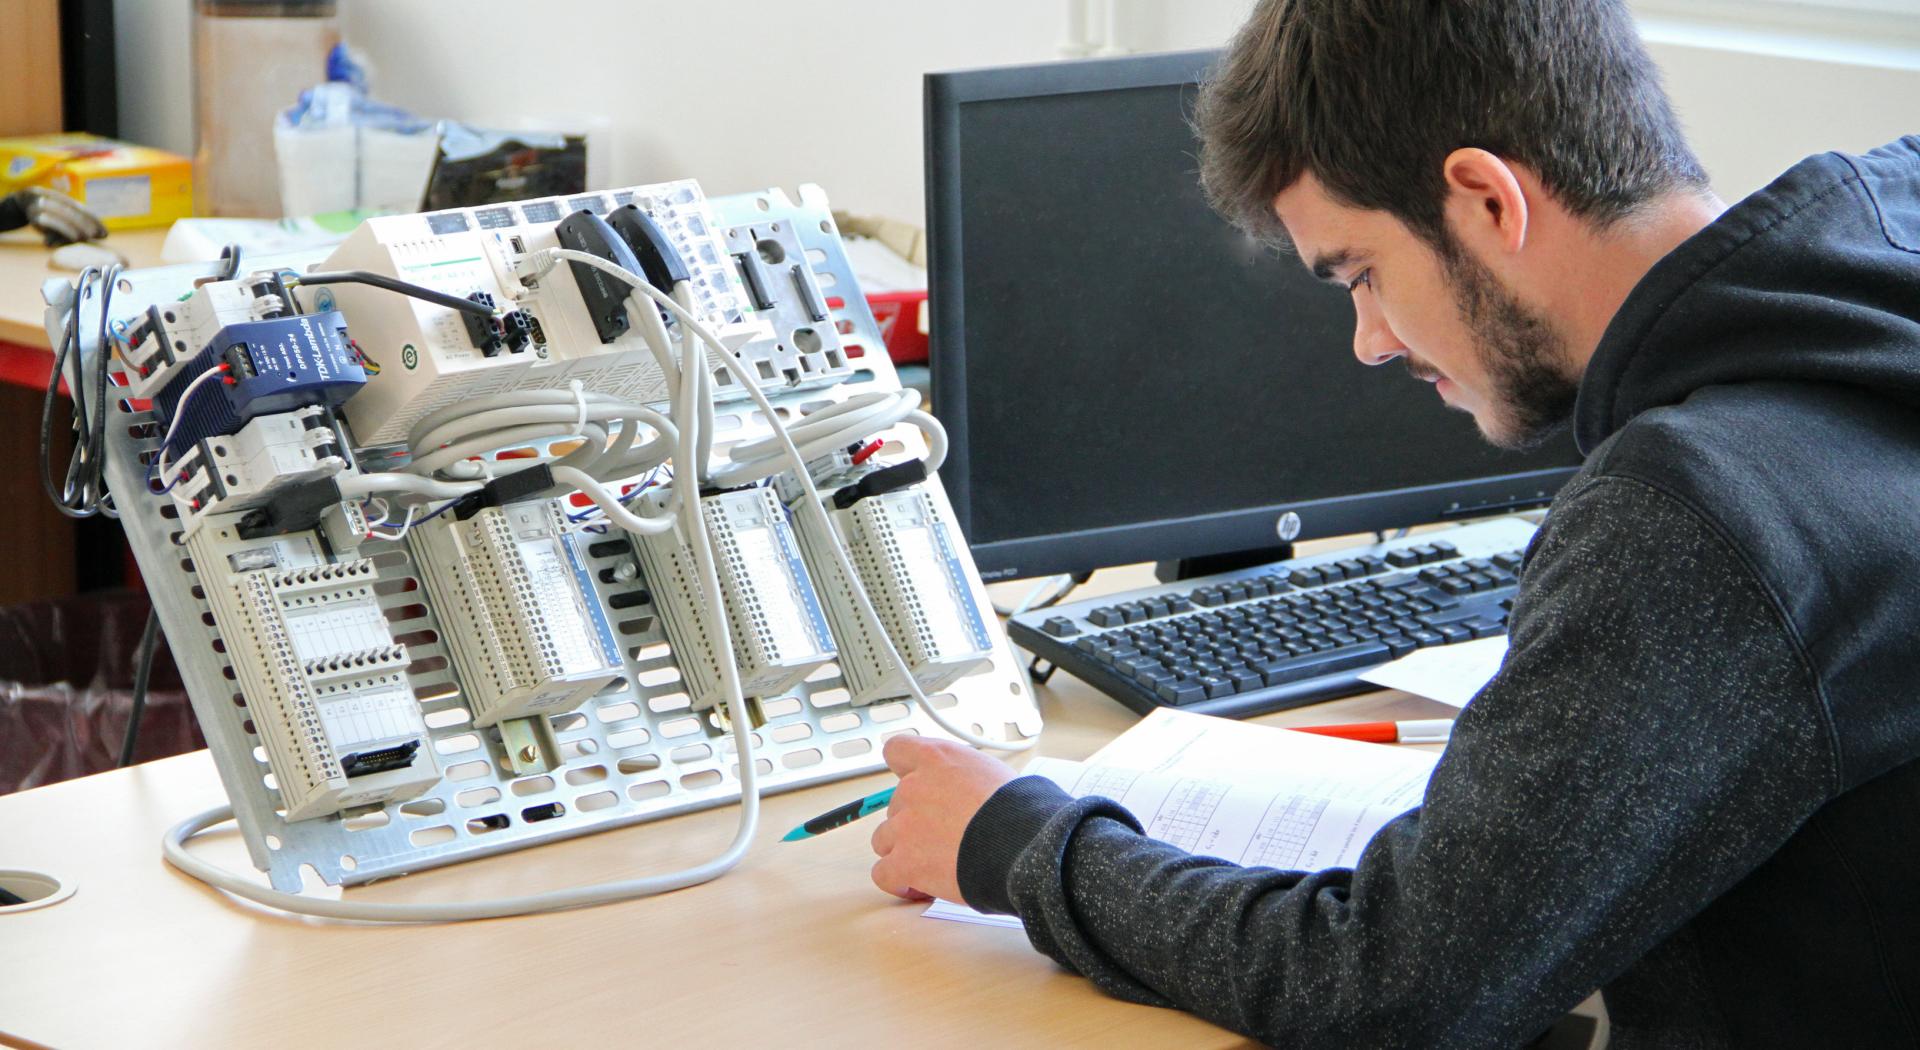 analyste programmeur en automatisme et informatique industrielle